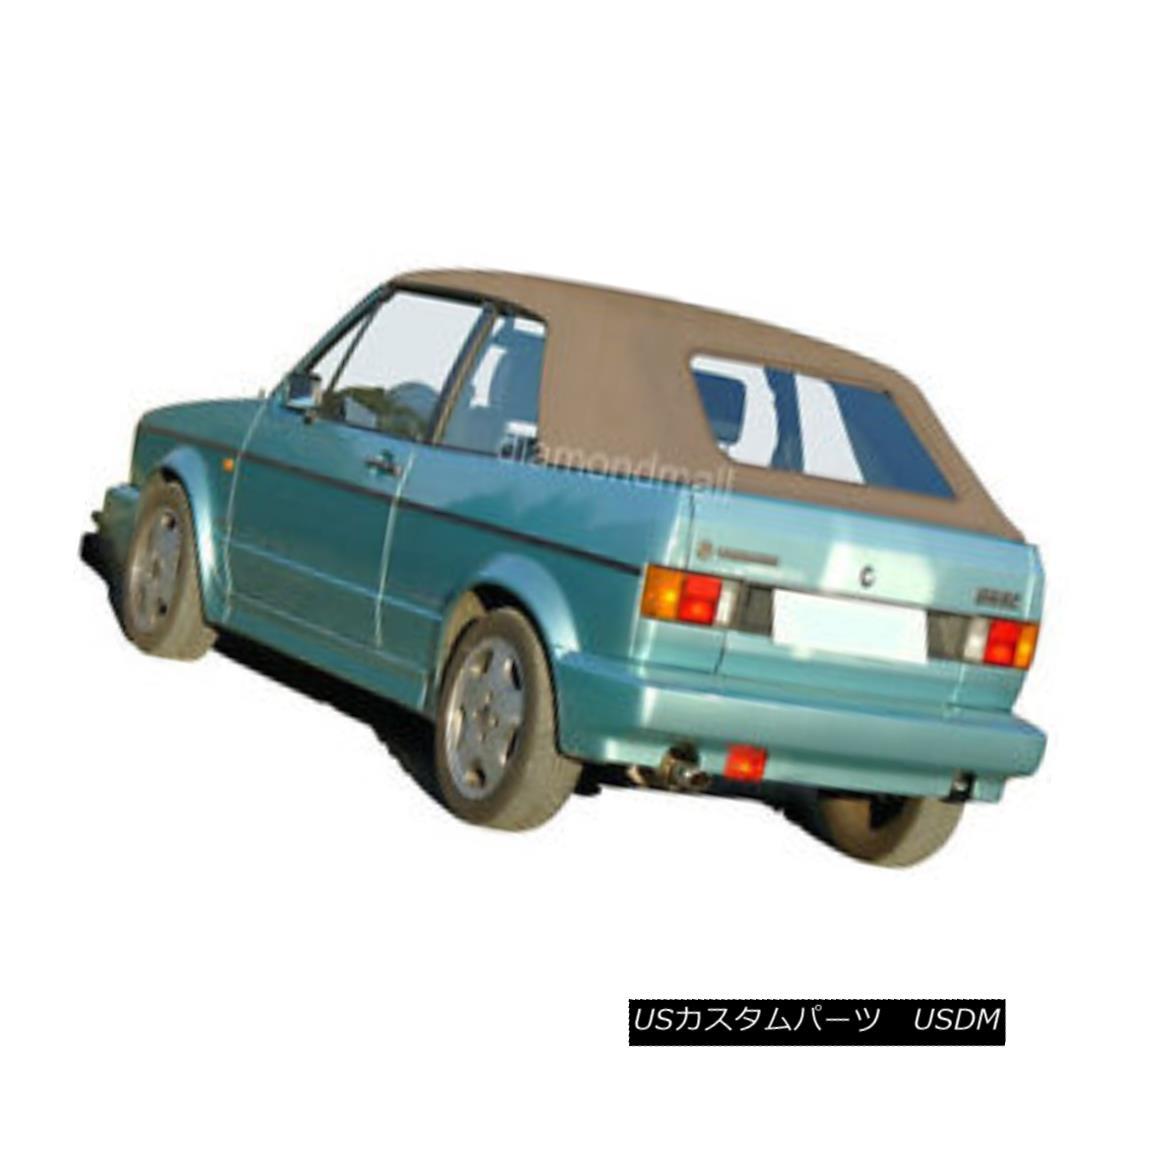 幌・ソフトトップ VW Volkswagen Rabbit Cabriolet Golf 1980-1994 Convertible Soft Top Tan Stayfast VWフォルクスワーゲンウサギ・カブリオレ・ゴルフ1980-1994コンバーチブル・ソフトトップ・タン・ステイファスト